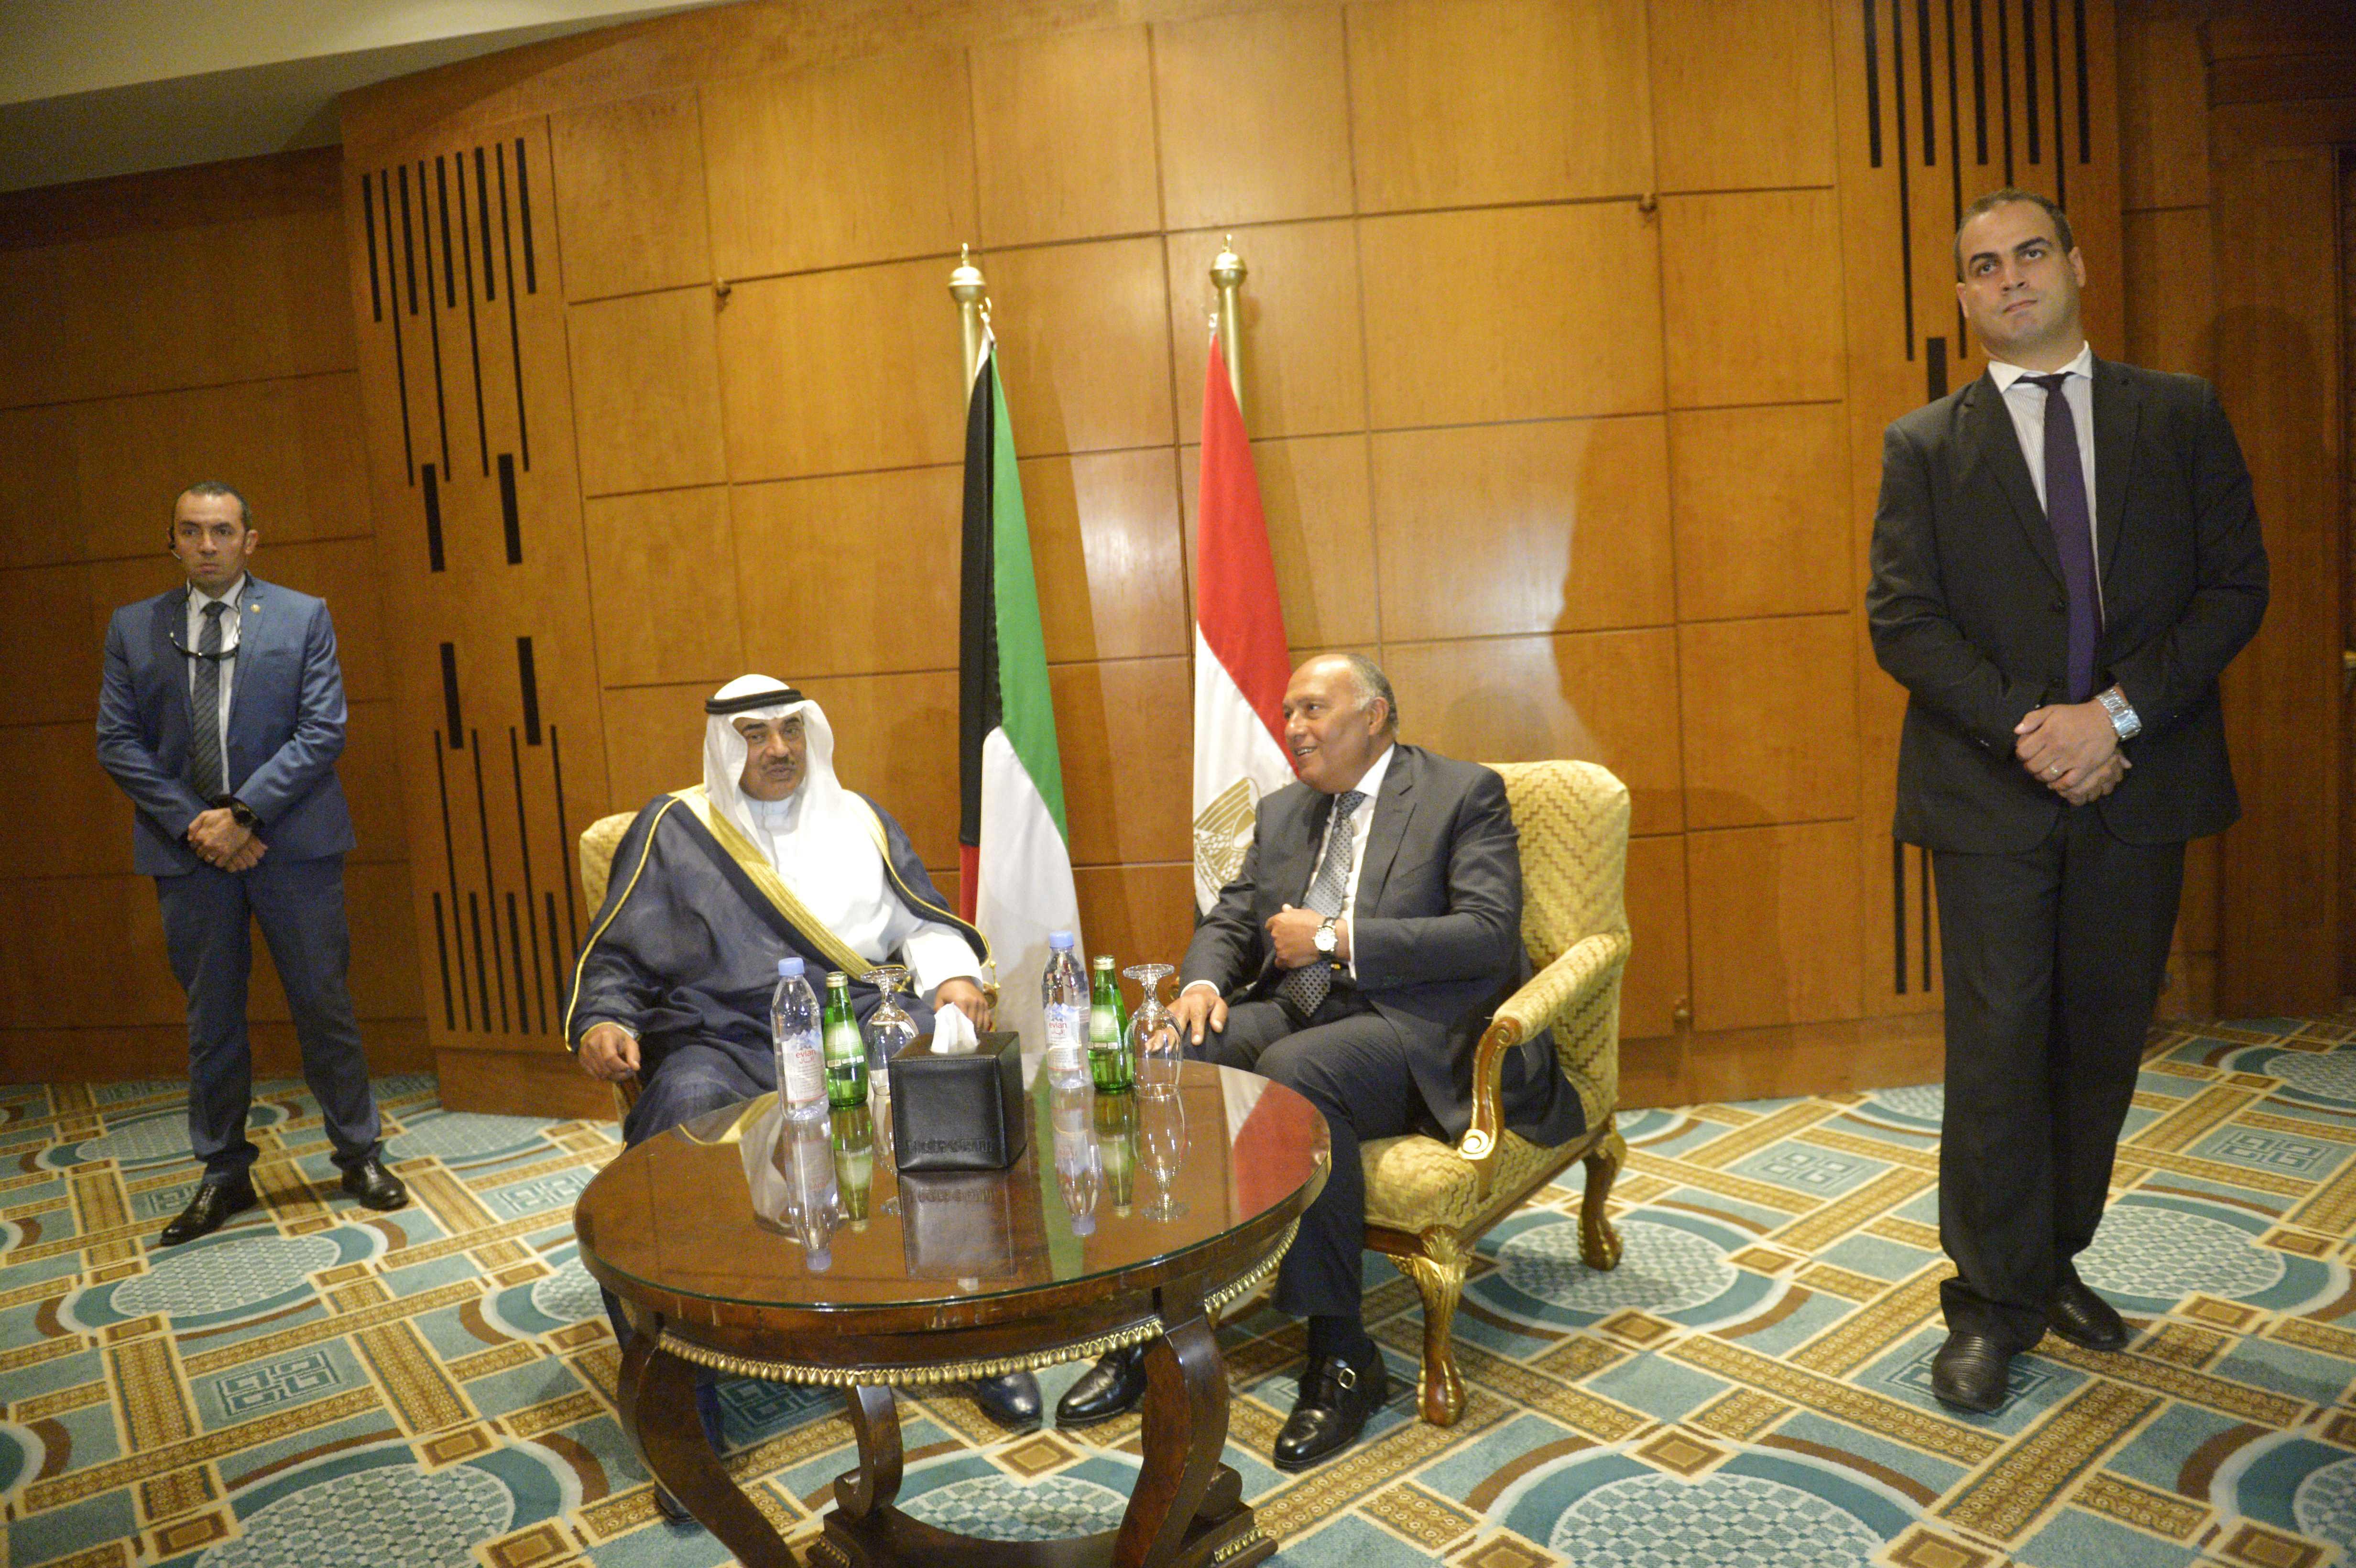 لقاء بين وزيرى خارجية مصر والكويت